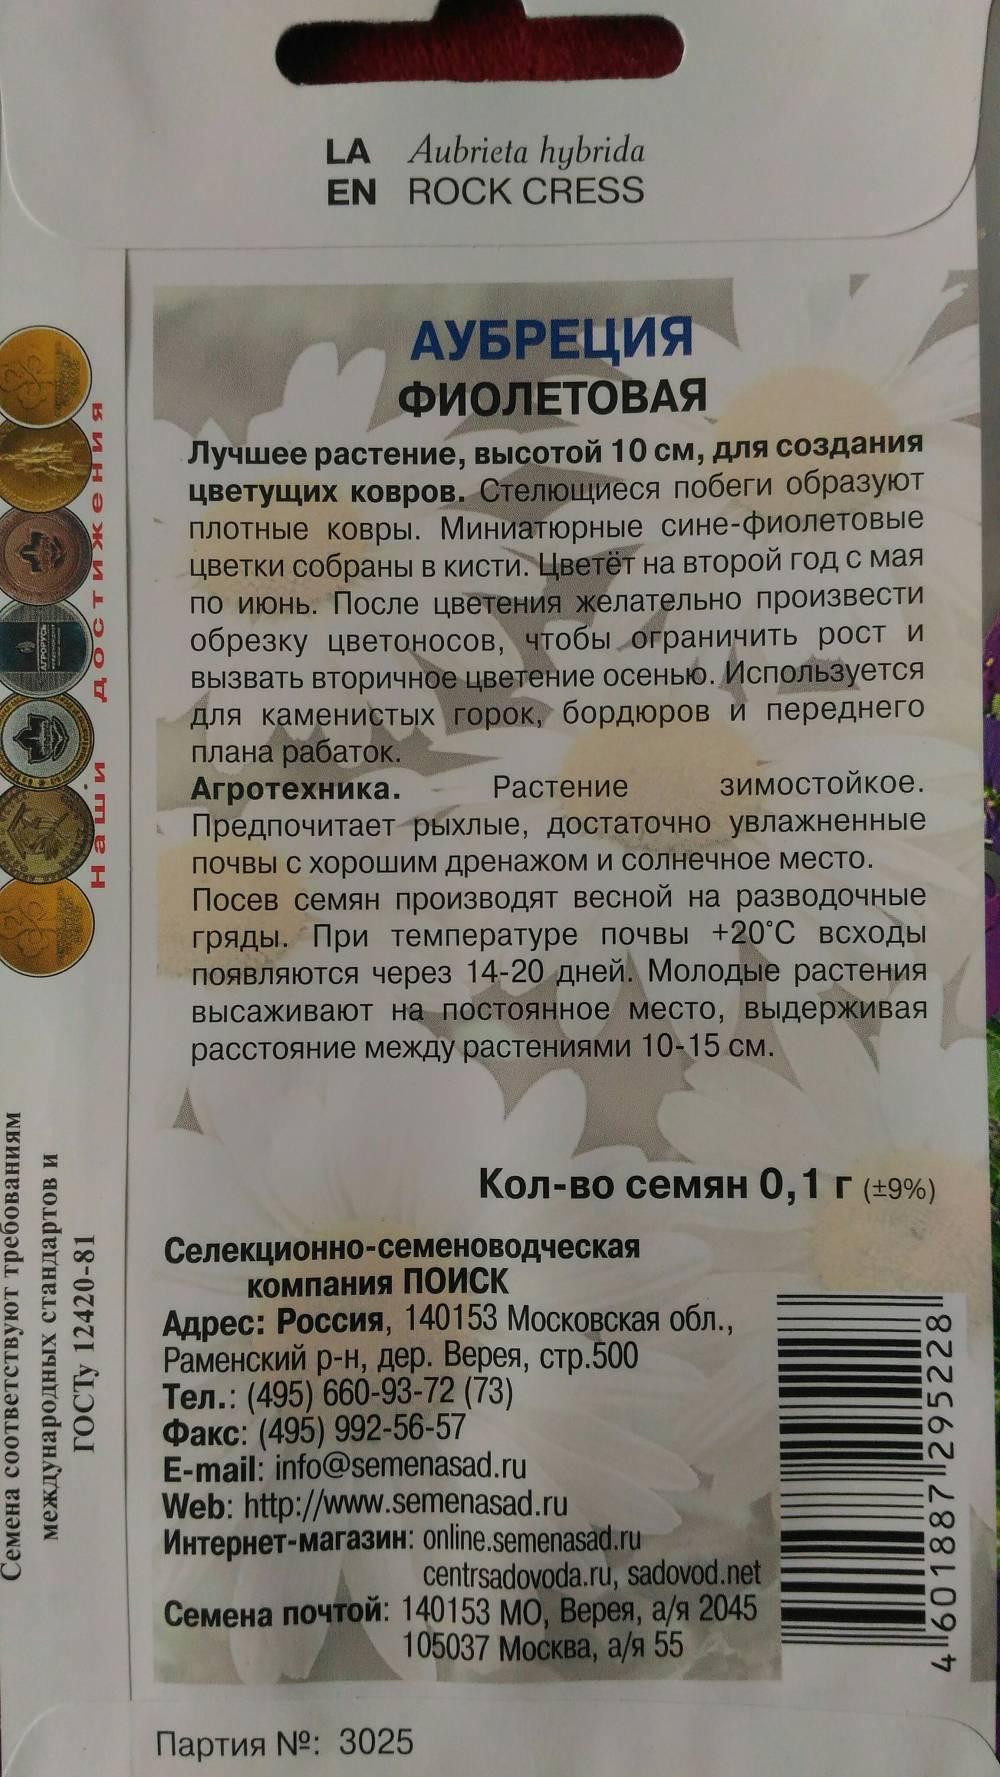 Грибы анонимно Каспийск Психоделики Без кидалова Черкесск